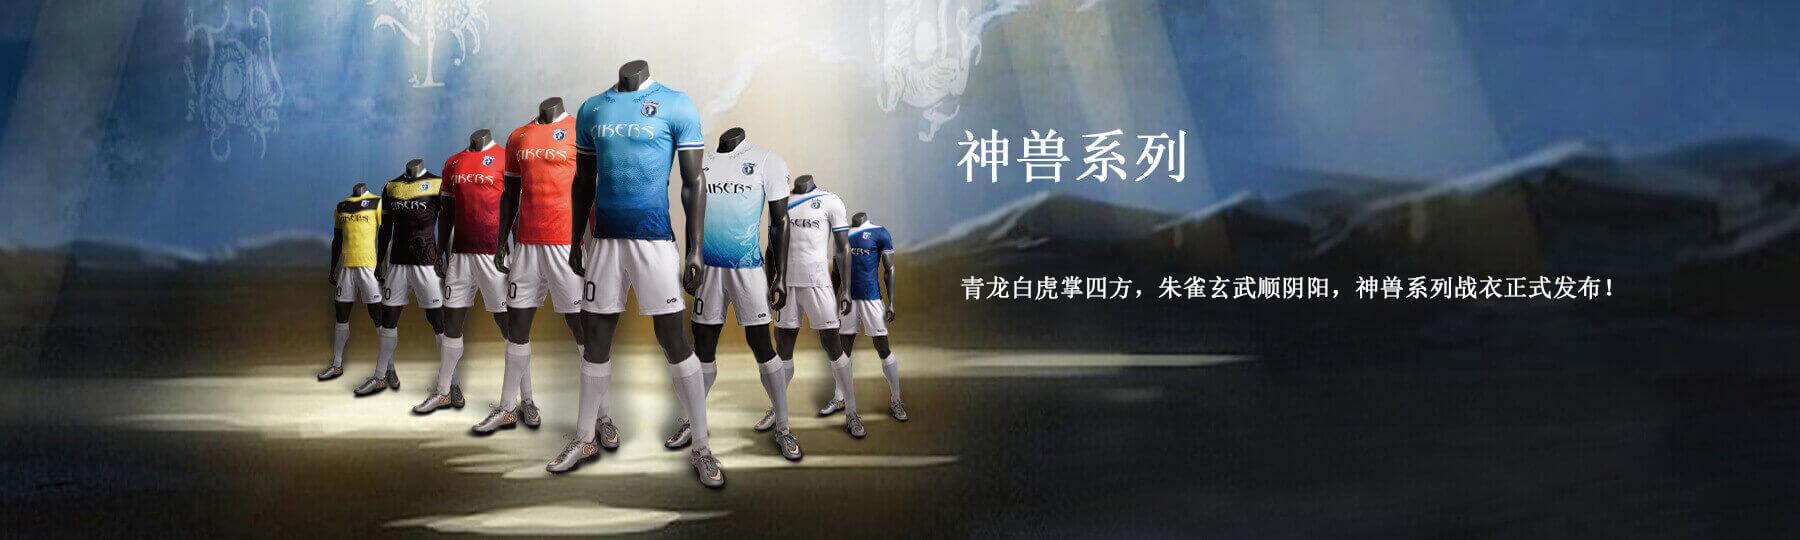 神兽系列足球比赛服